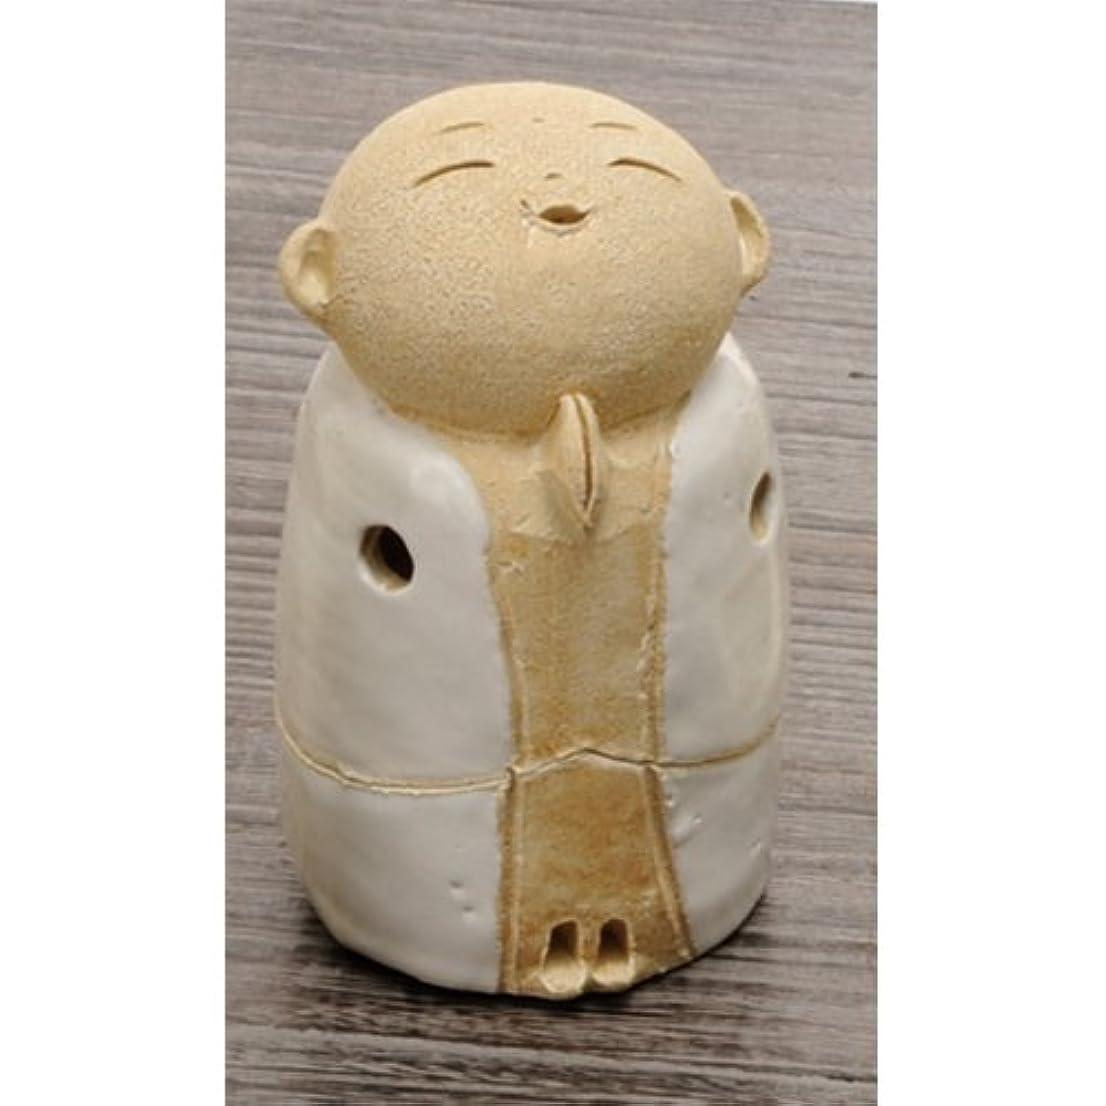 思想舞い上がる起きるお地蔵様 香炉シリーズ 白 お地蔵様 香炉 3.5寸(小) [H10cm] HANDMADE プレゼント ギフト 和食器 かわいい インテリア